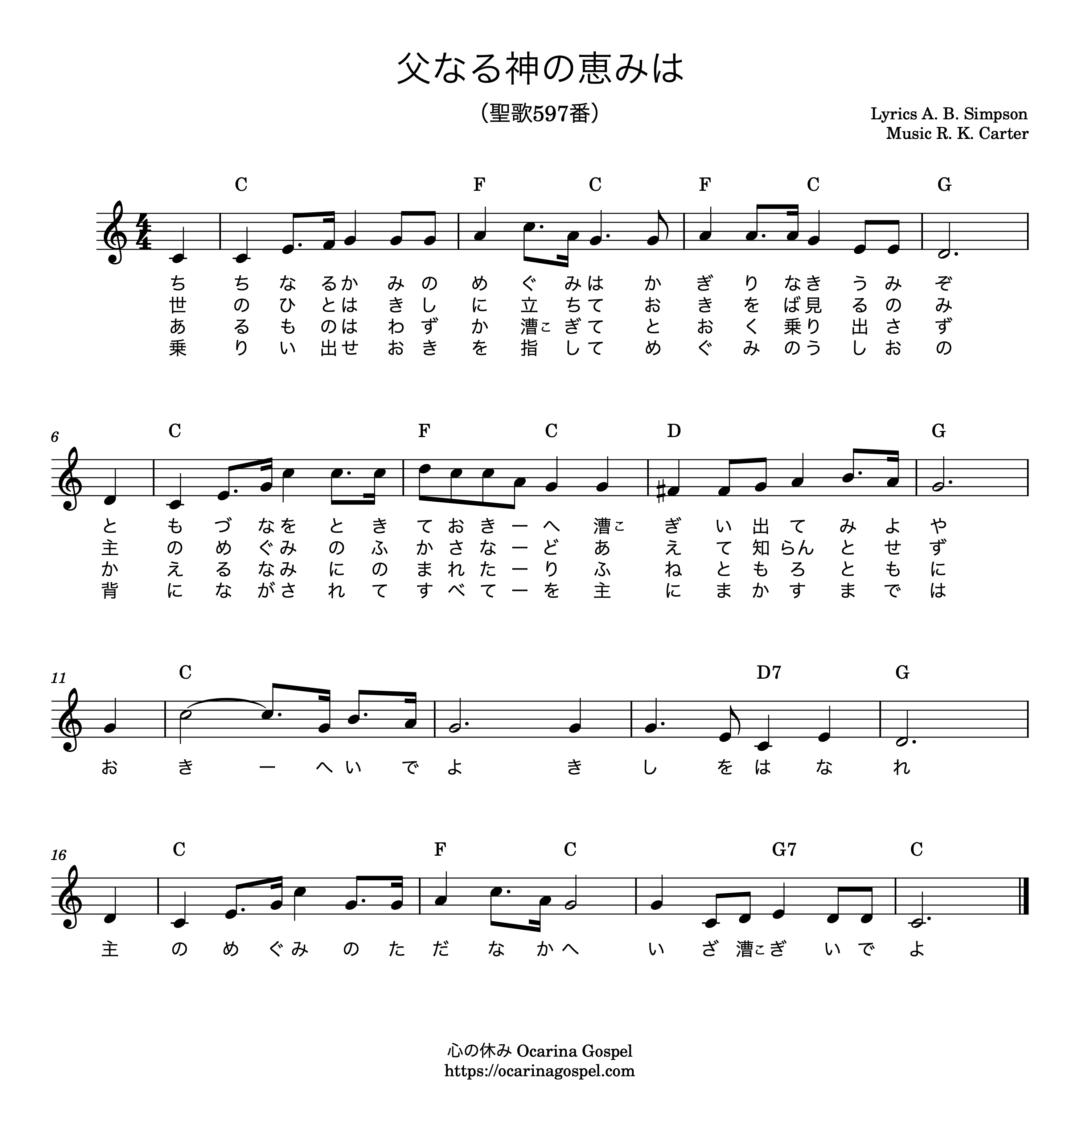 父なる神の恵みは 賛美 楽譜